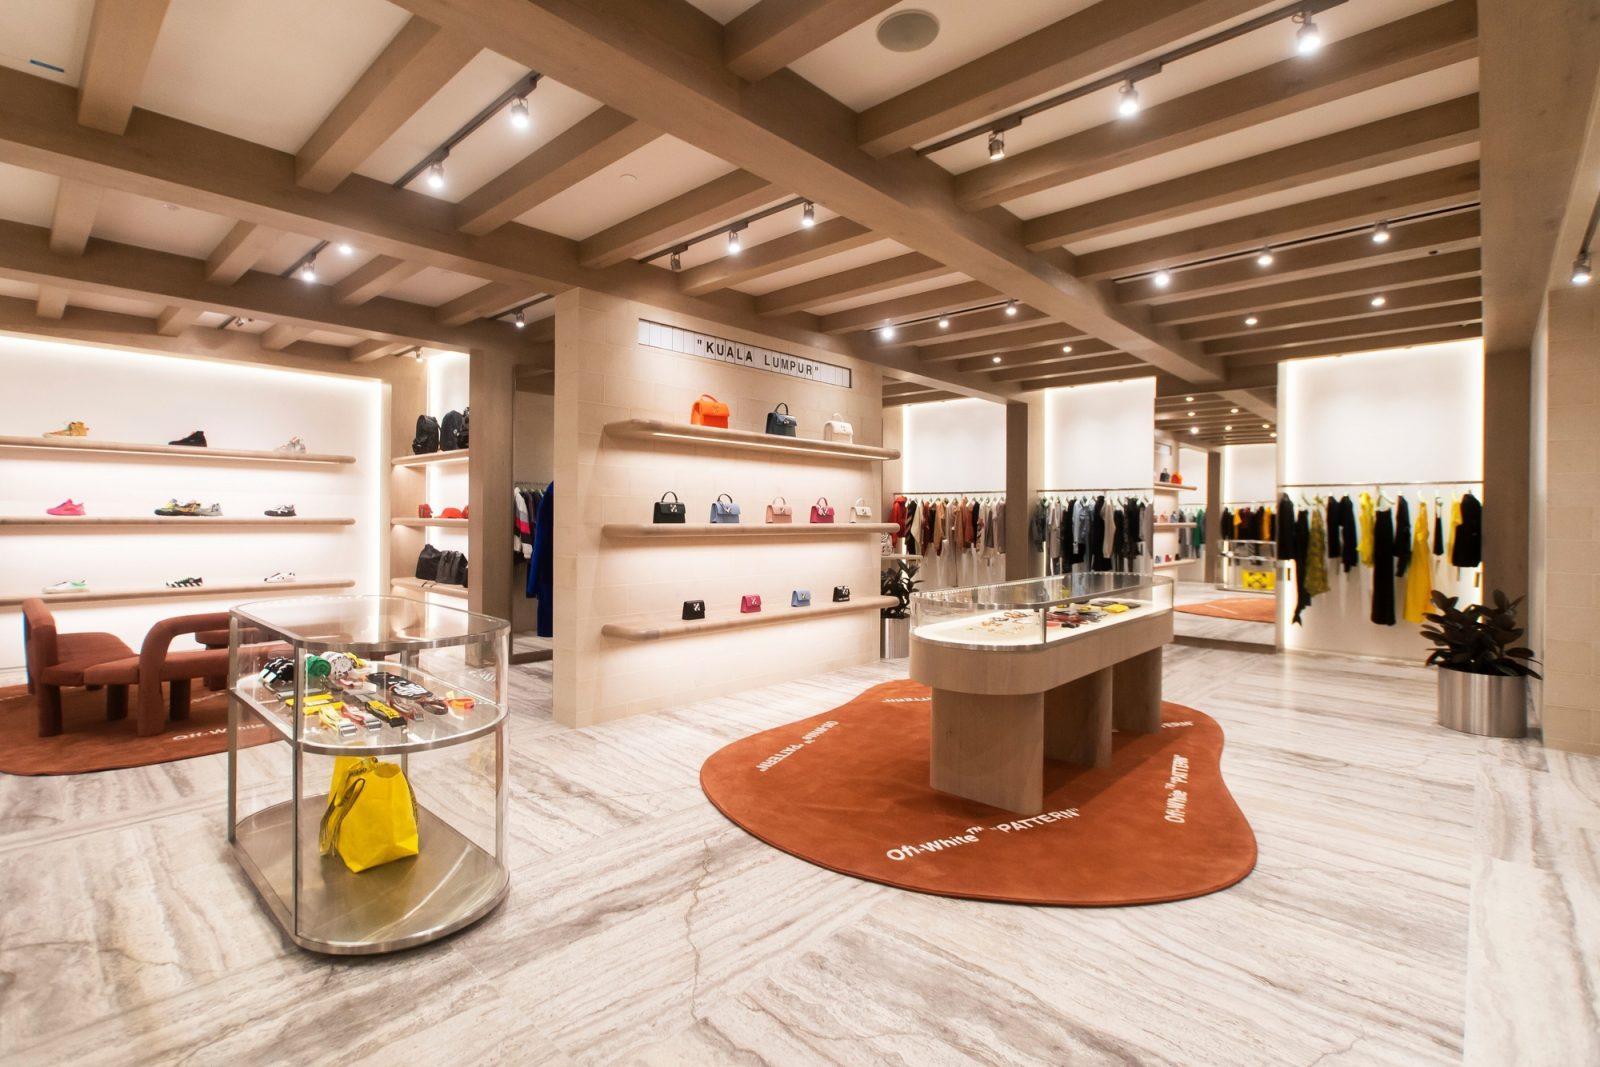 Off-White new store in Suria KLCC